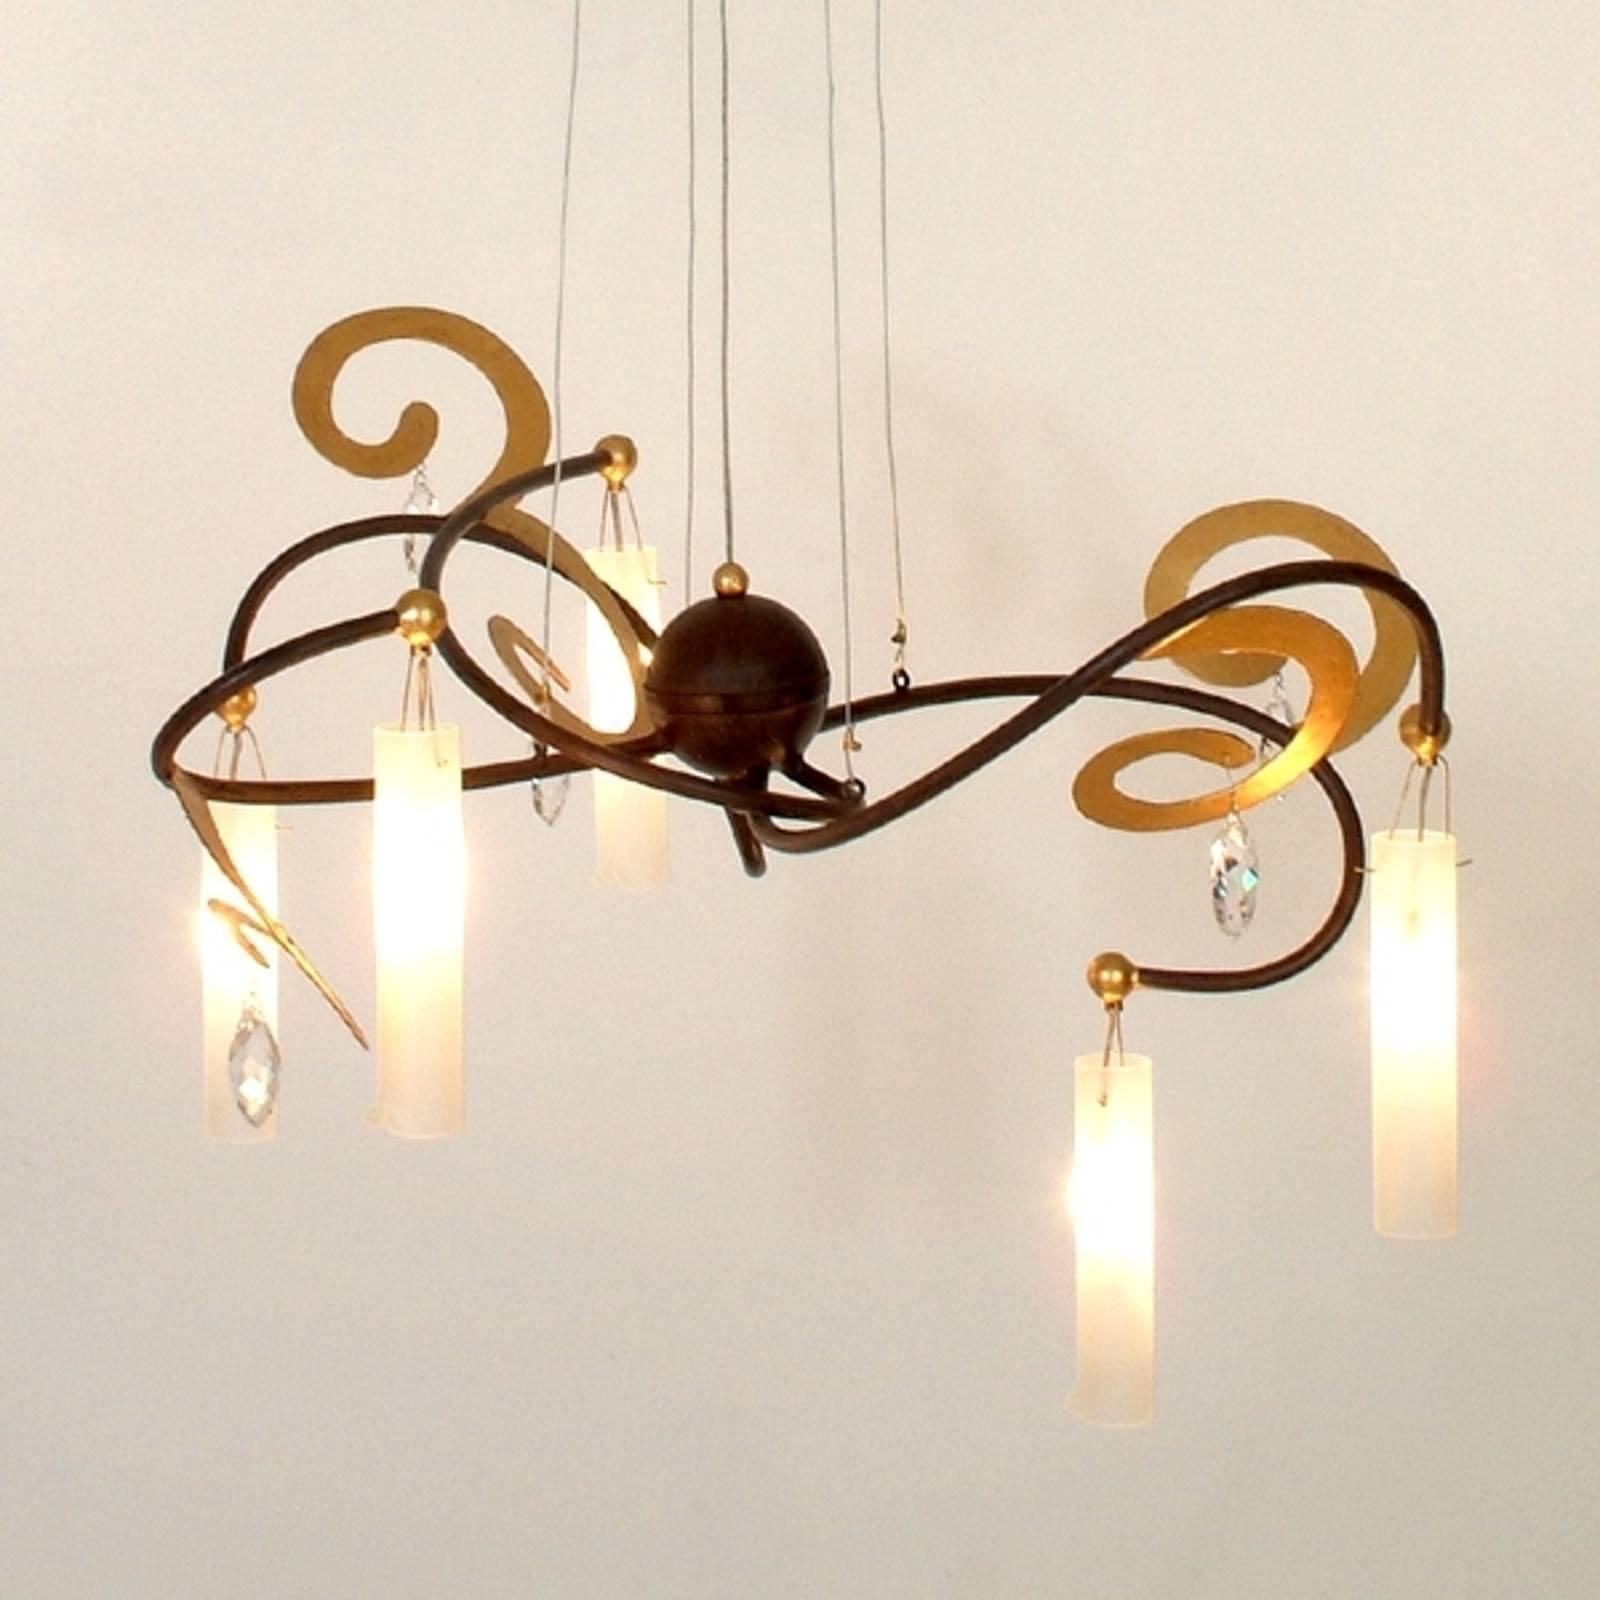 Kaunis riippuvalaisin CASINO 5-lamppuinen